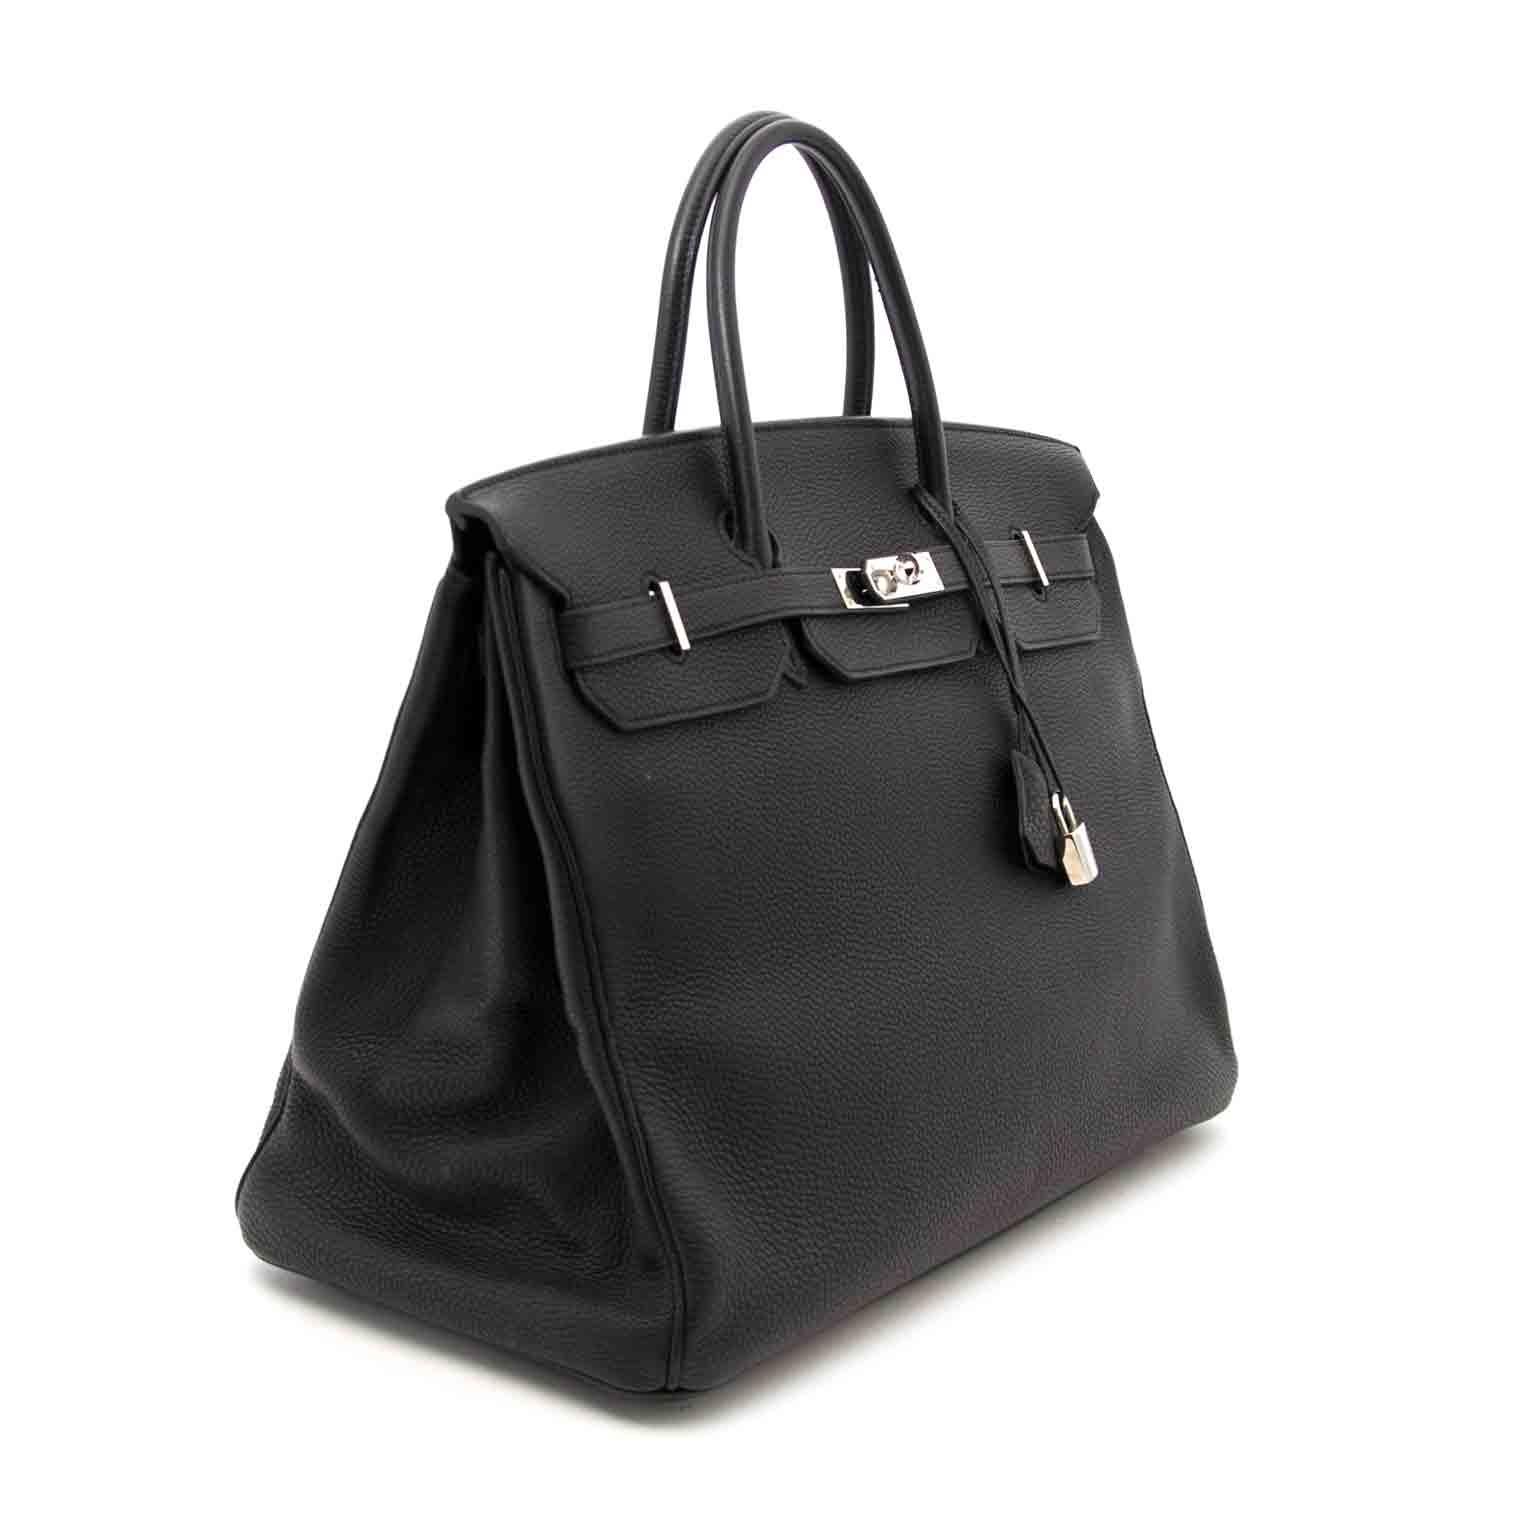 Acheter en ligne chez labellov.com hermes birkin 40 noir clemence taurillon togo phw